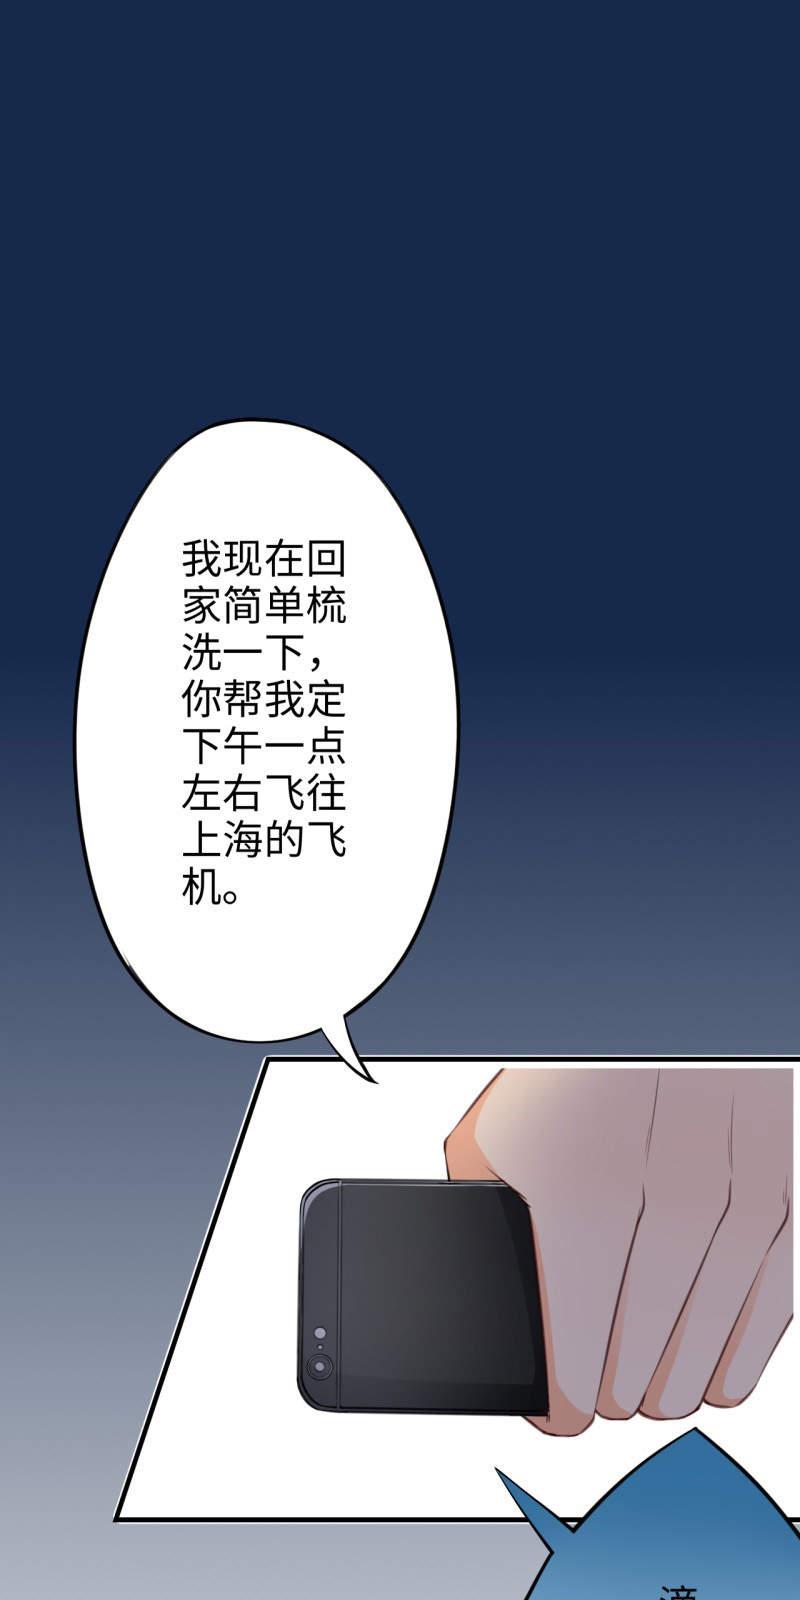 恩将求抱第20话  沙发vs上海 第 11